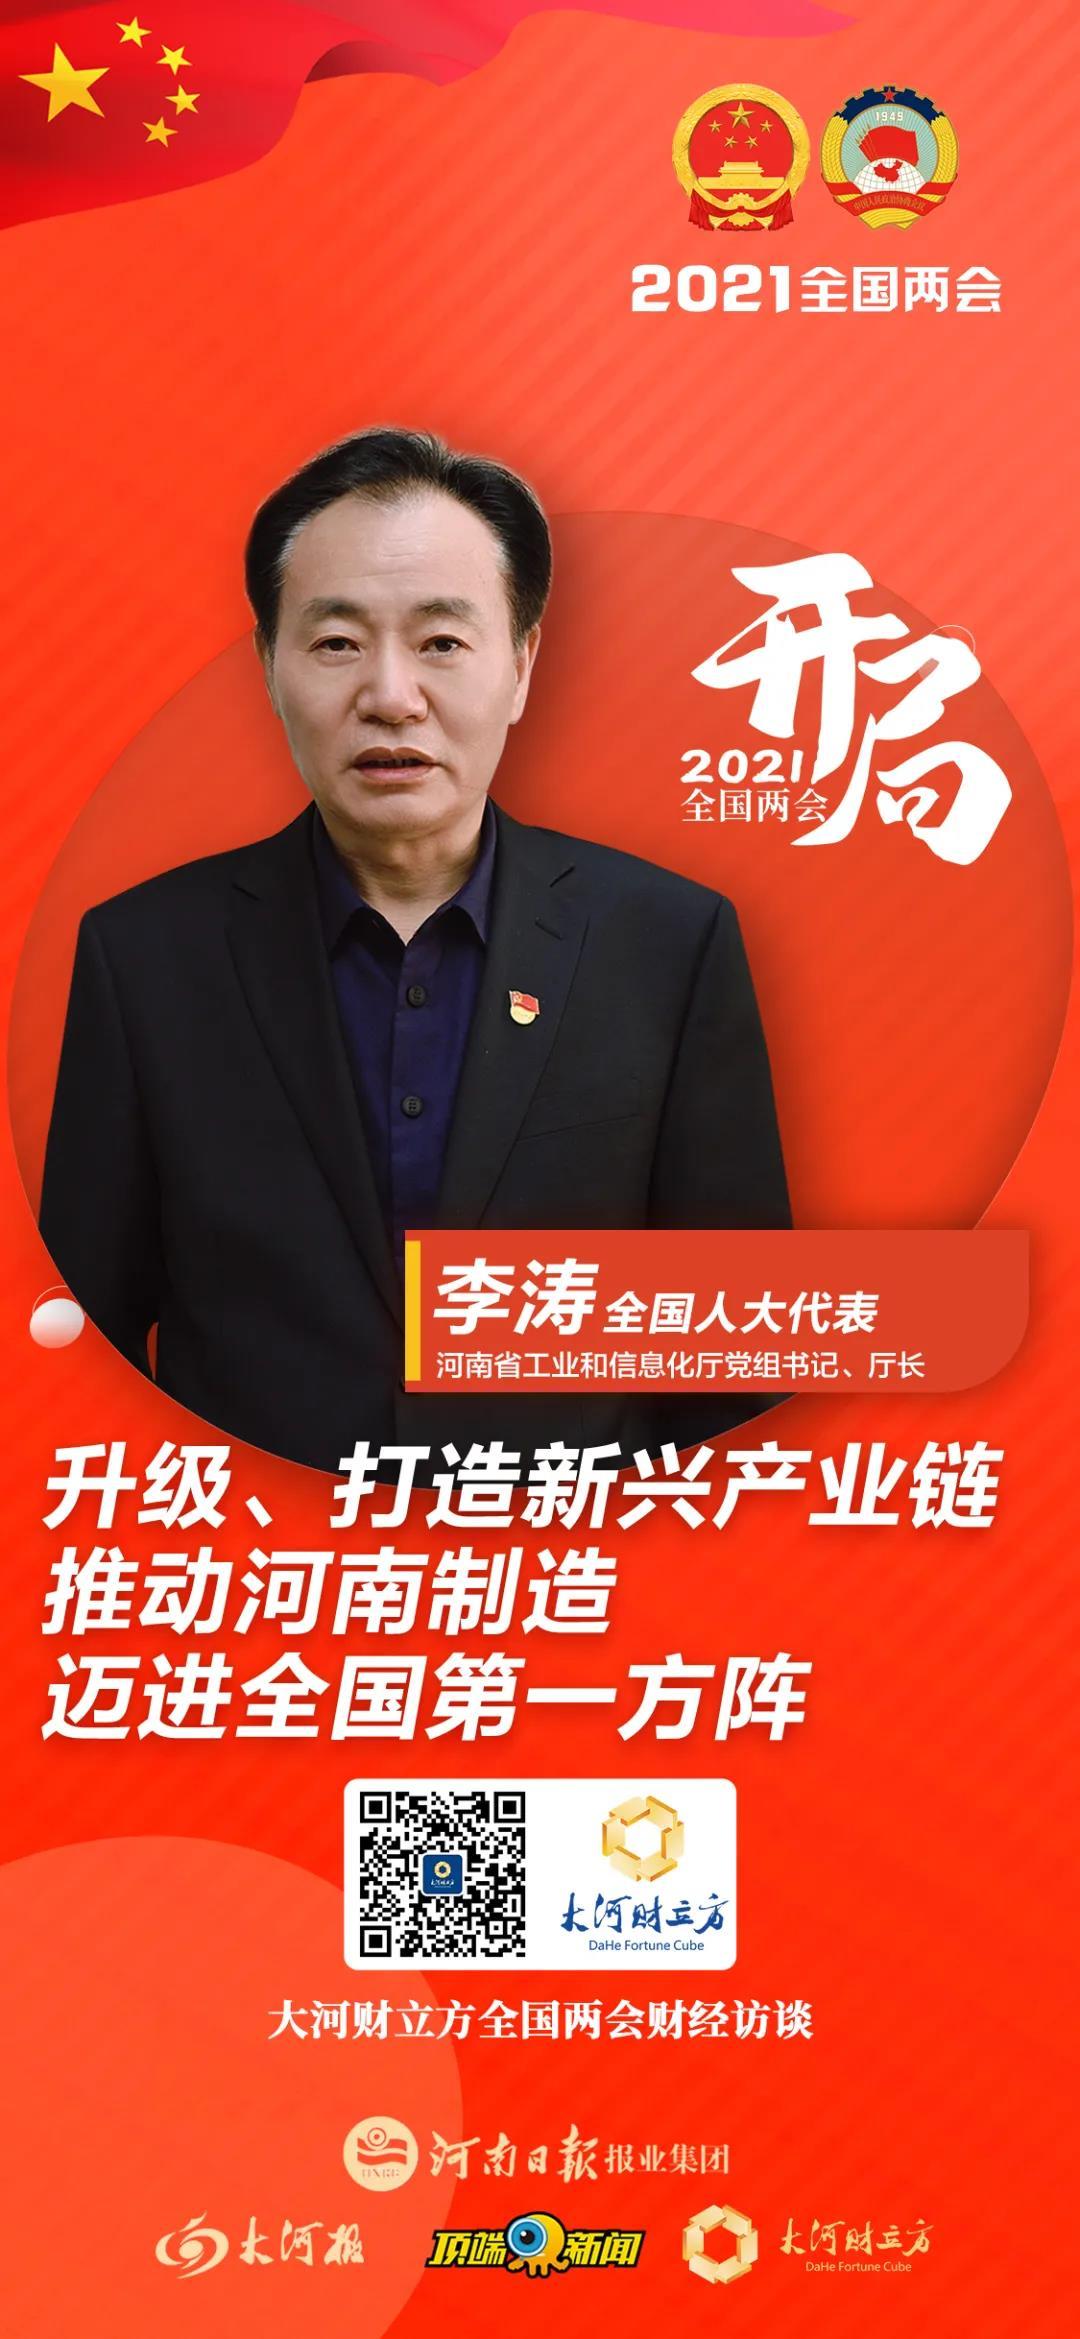 全国人大代表李涛:河南制造最重要的发展方向是什么?